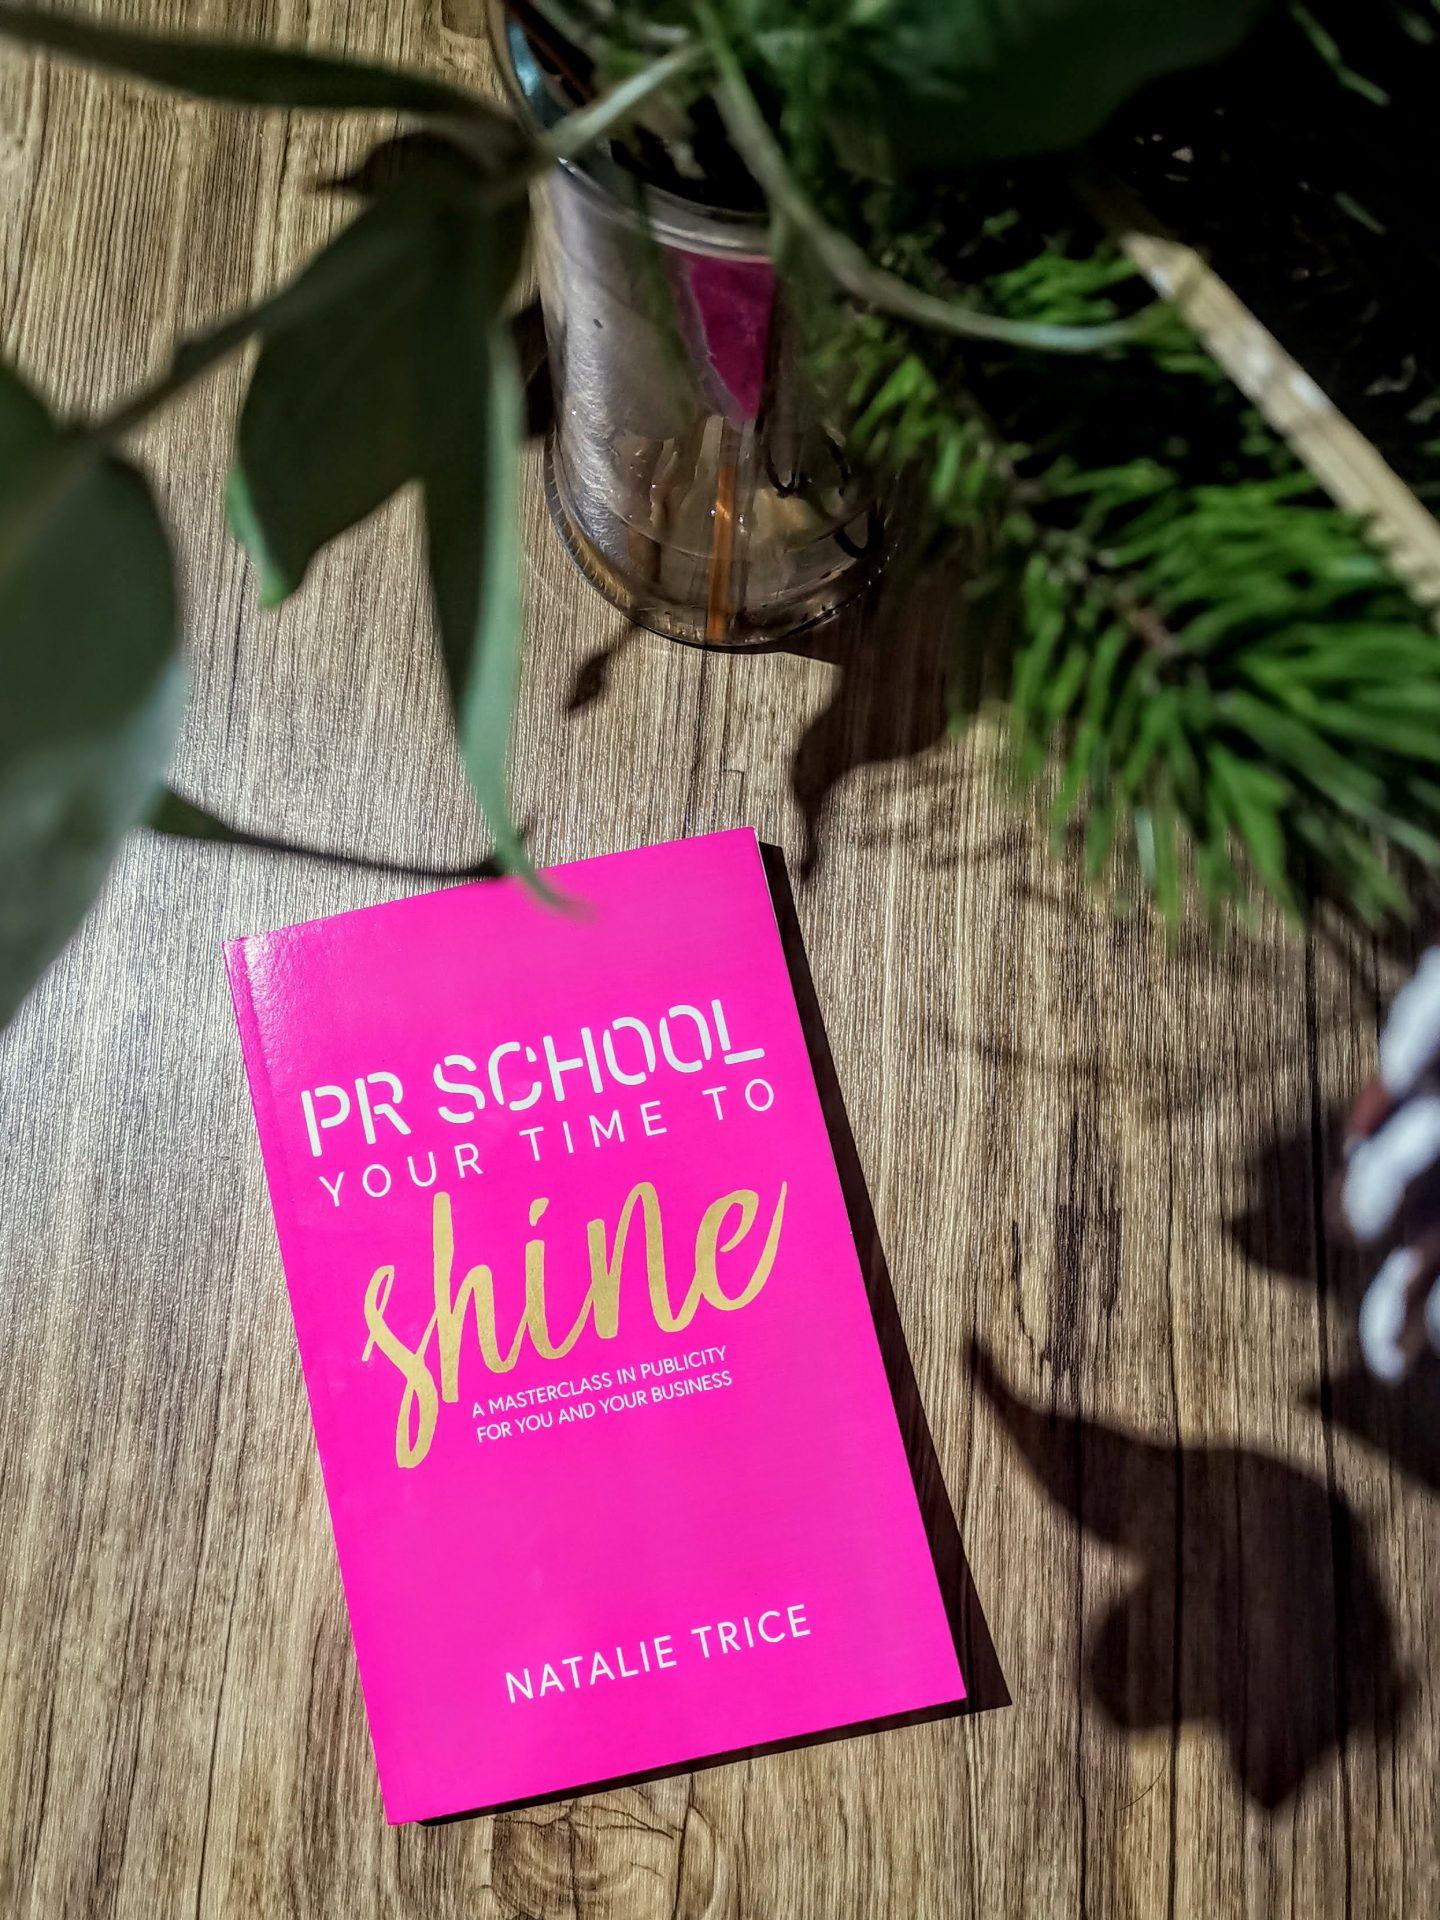 PR School Book by Natalie Trice